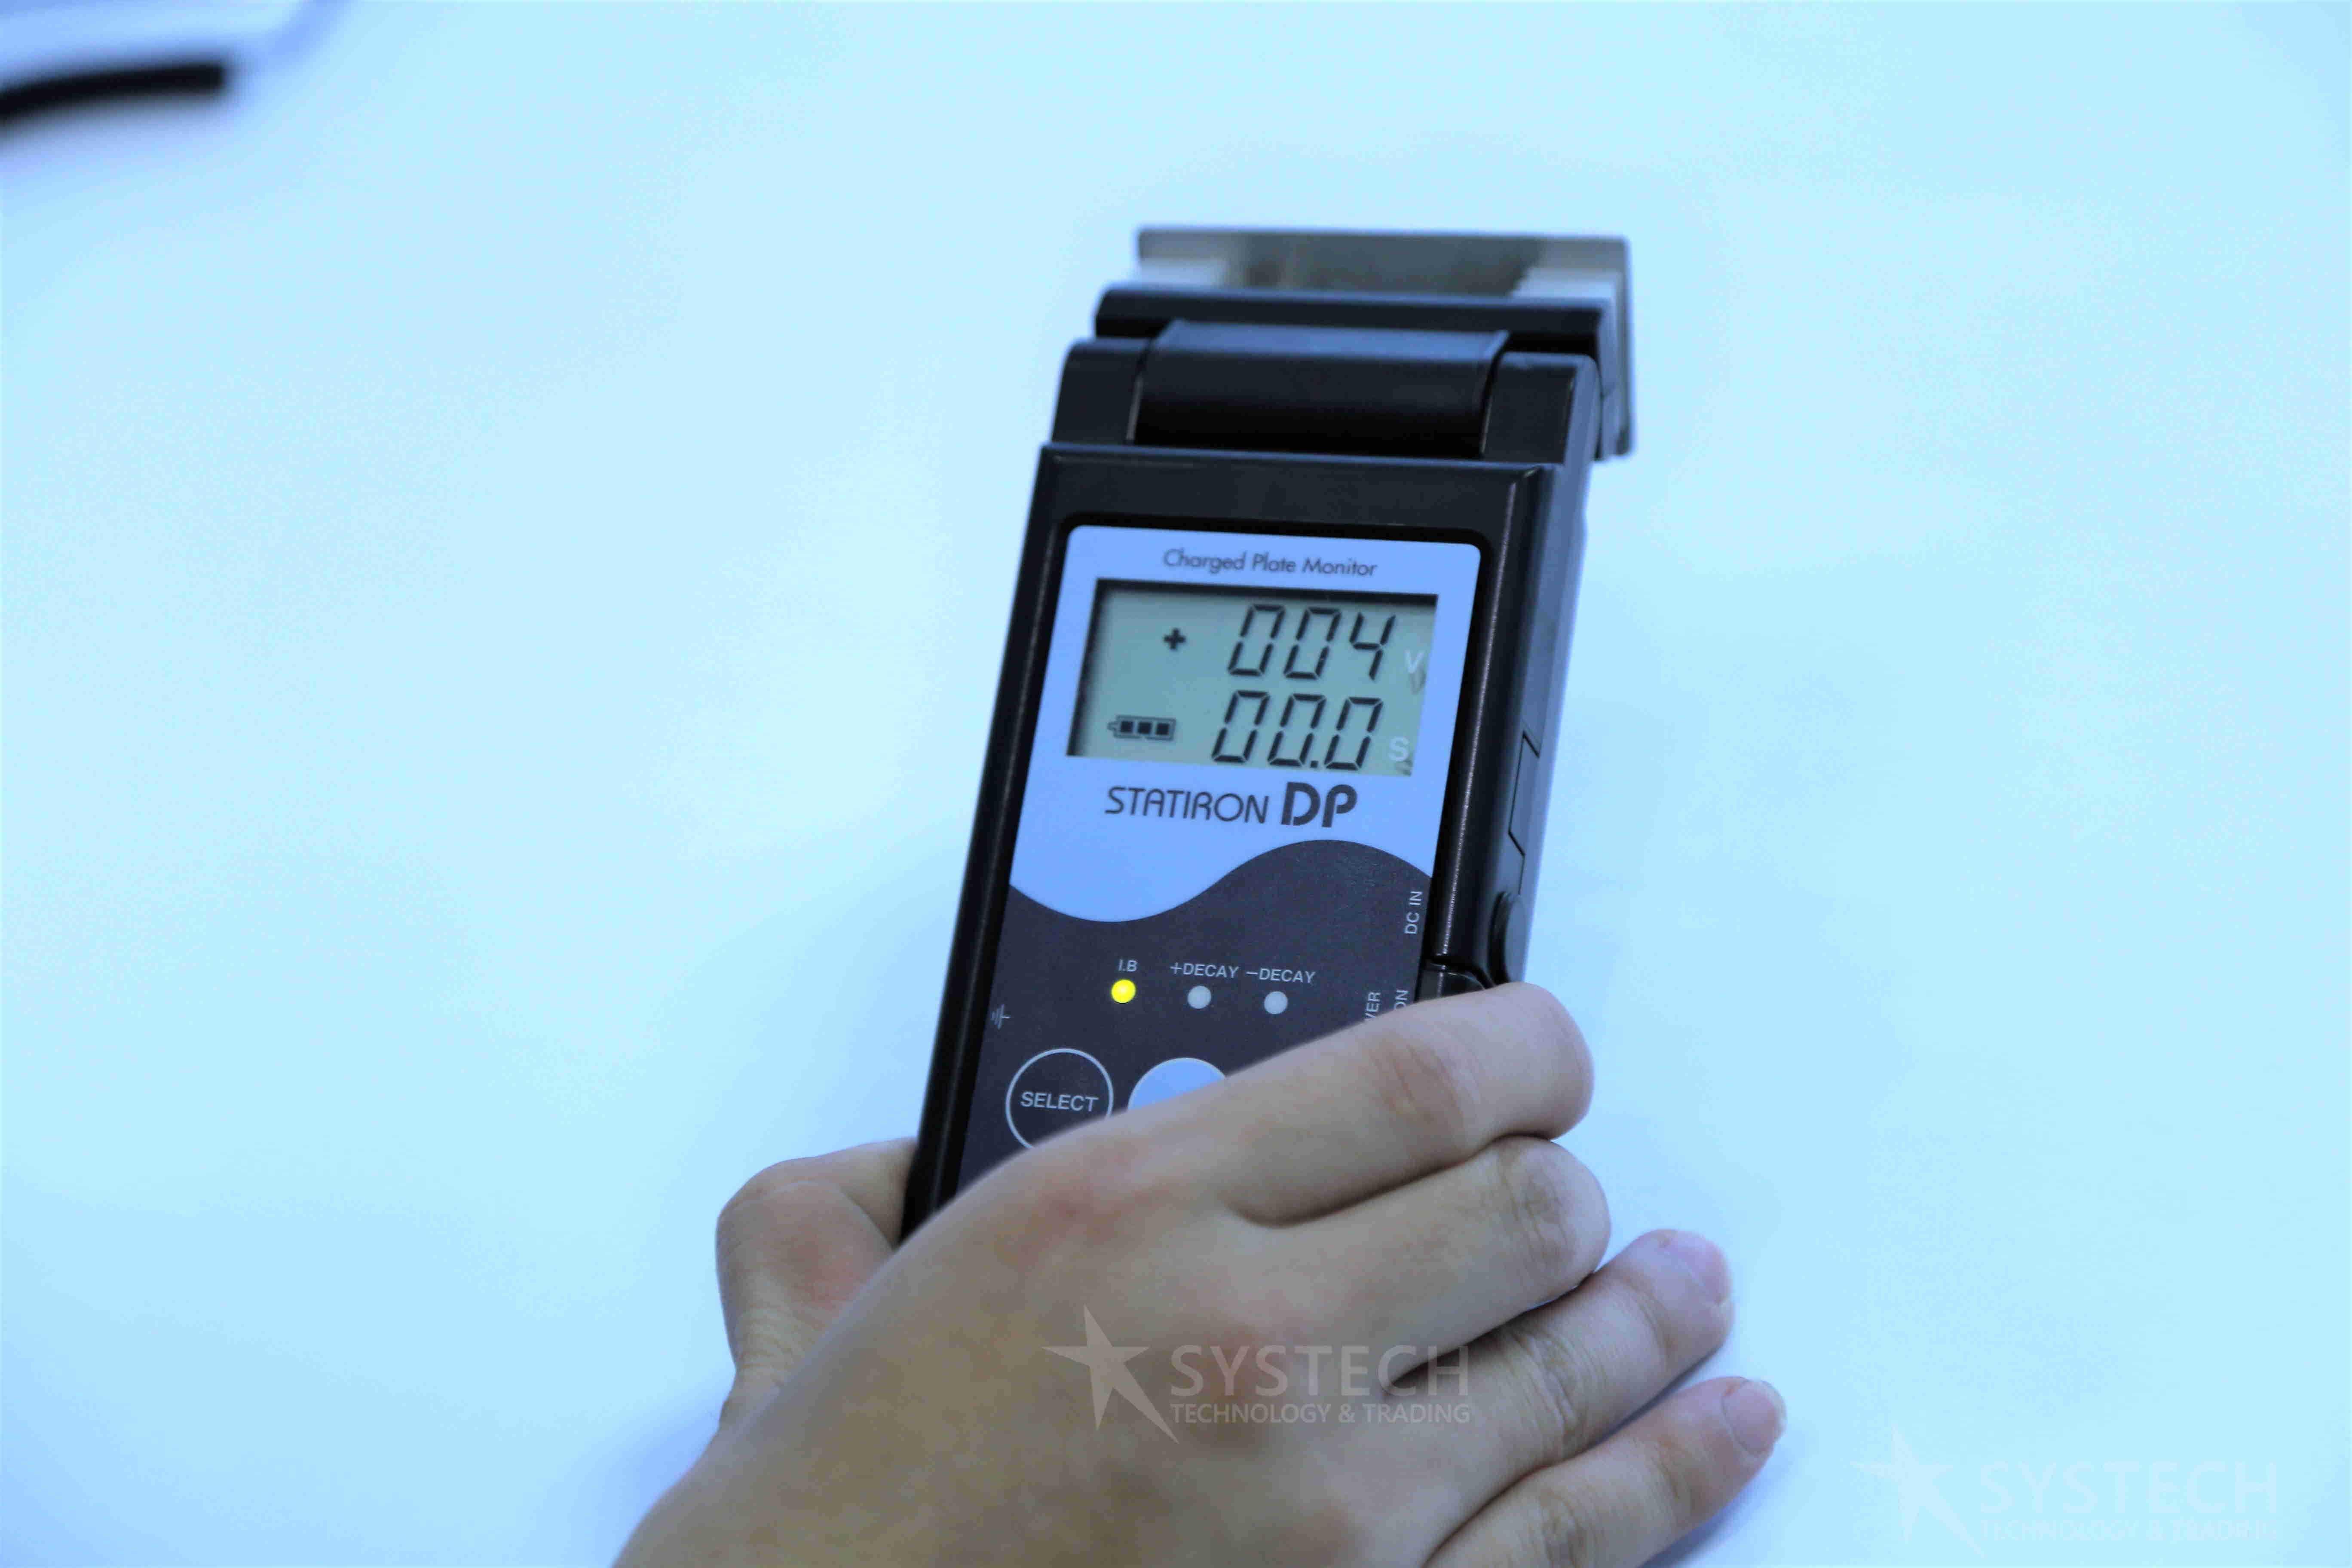 Thiết bị đo ionizer CPM: Statiron DP